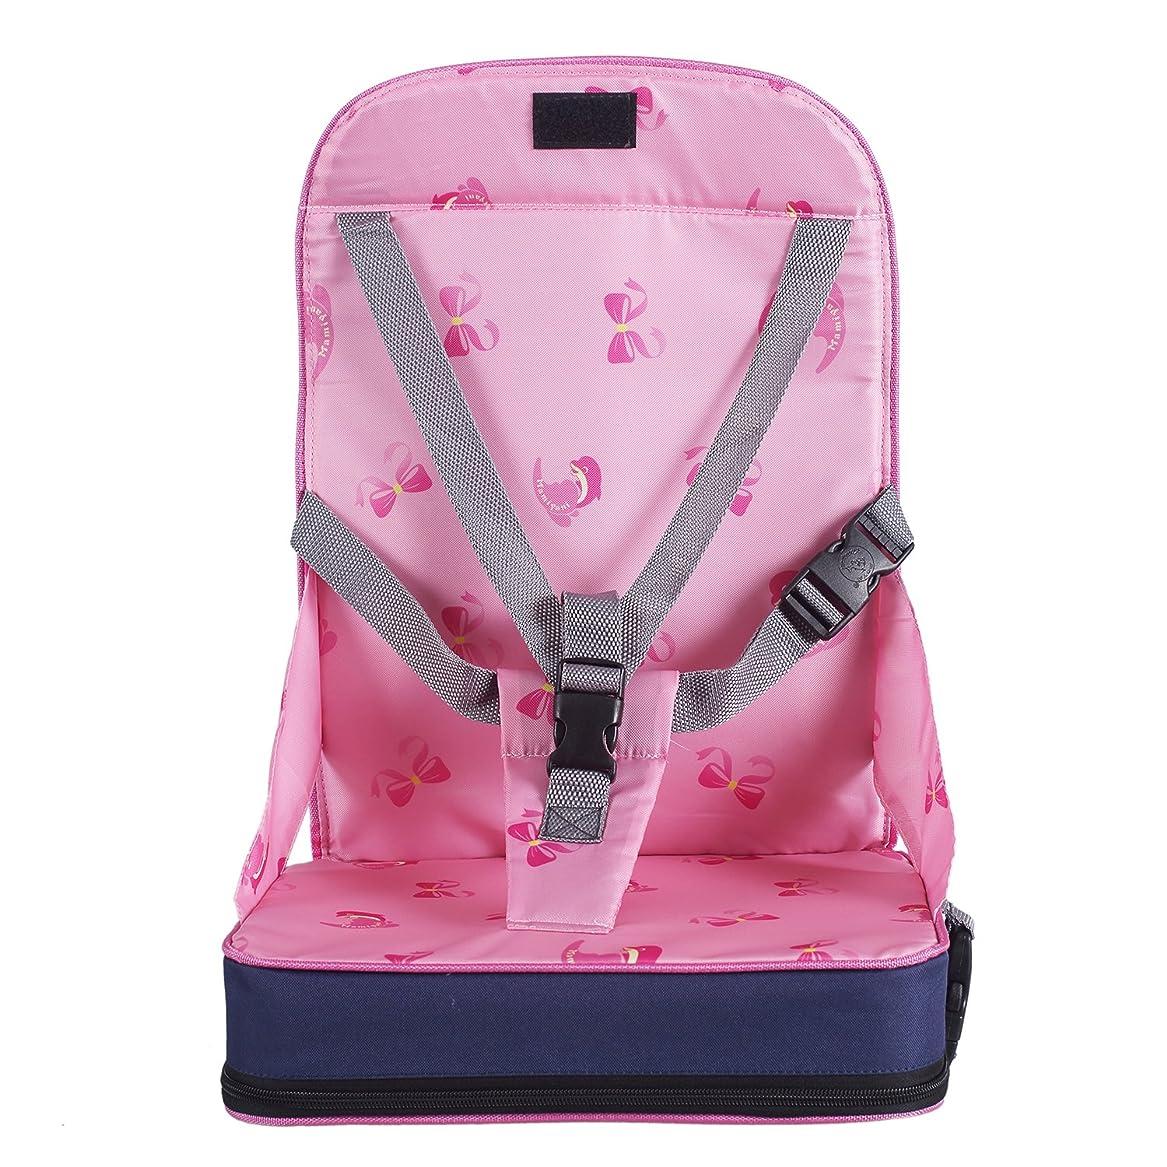 激しい反動契約したZicac 座布団 お食事クッション 子供用 シートクッション ひも付き 食事用 麻布 密度の高いスポンジ 取り外し 洗える 様々な椅子に適用 (水玉柄)